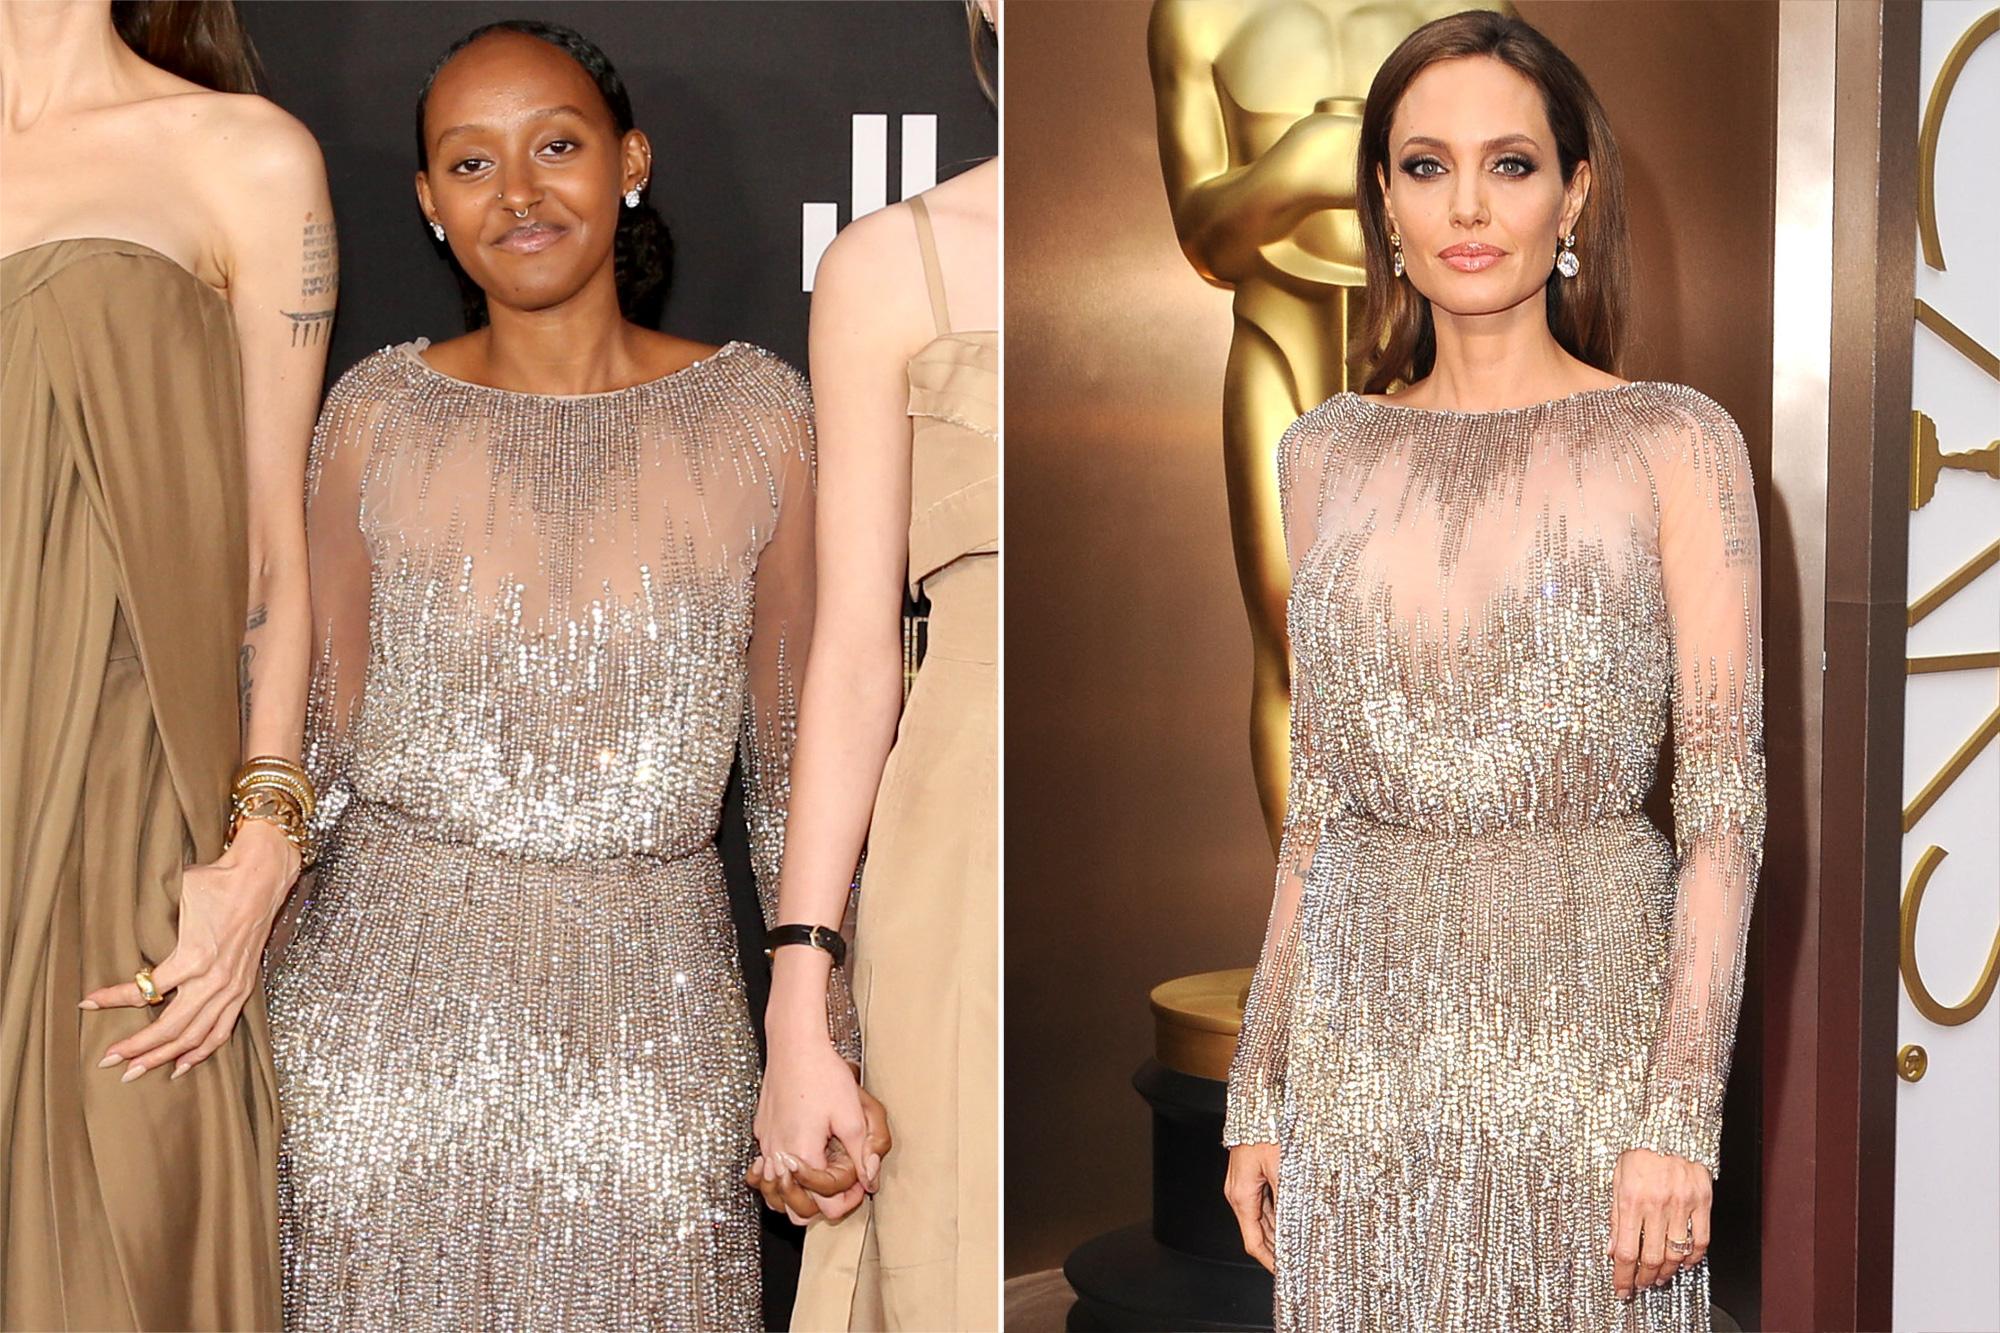 Zahara Jolie-Pitt, Angelina Jolie